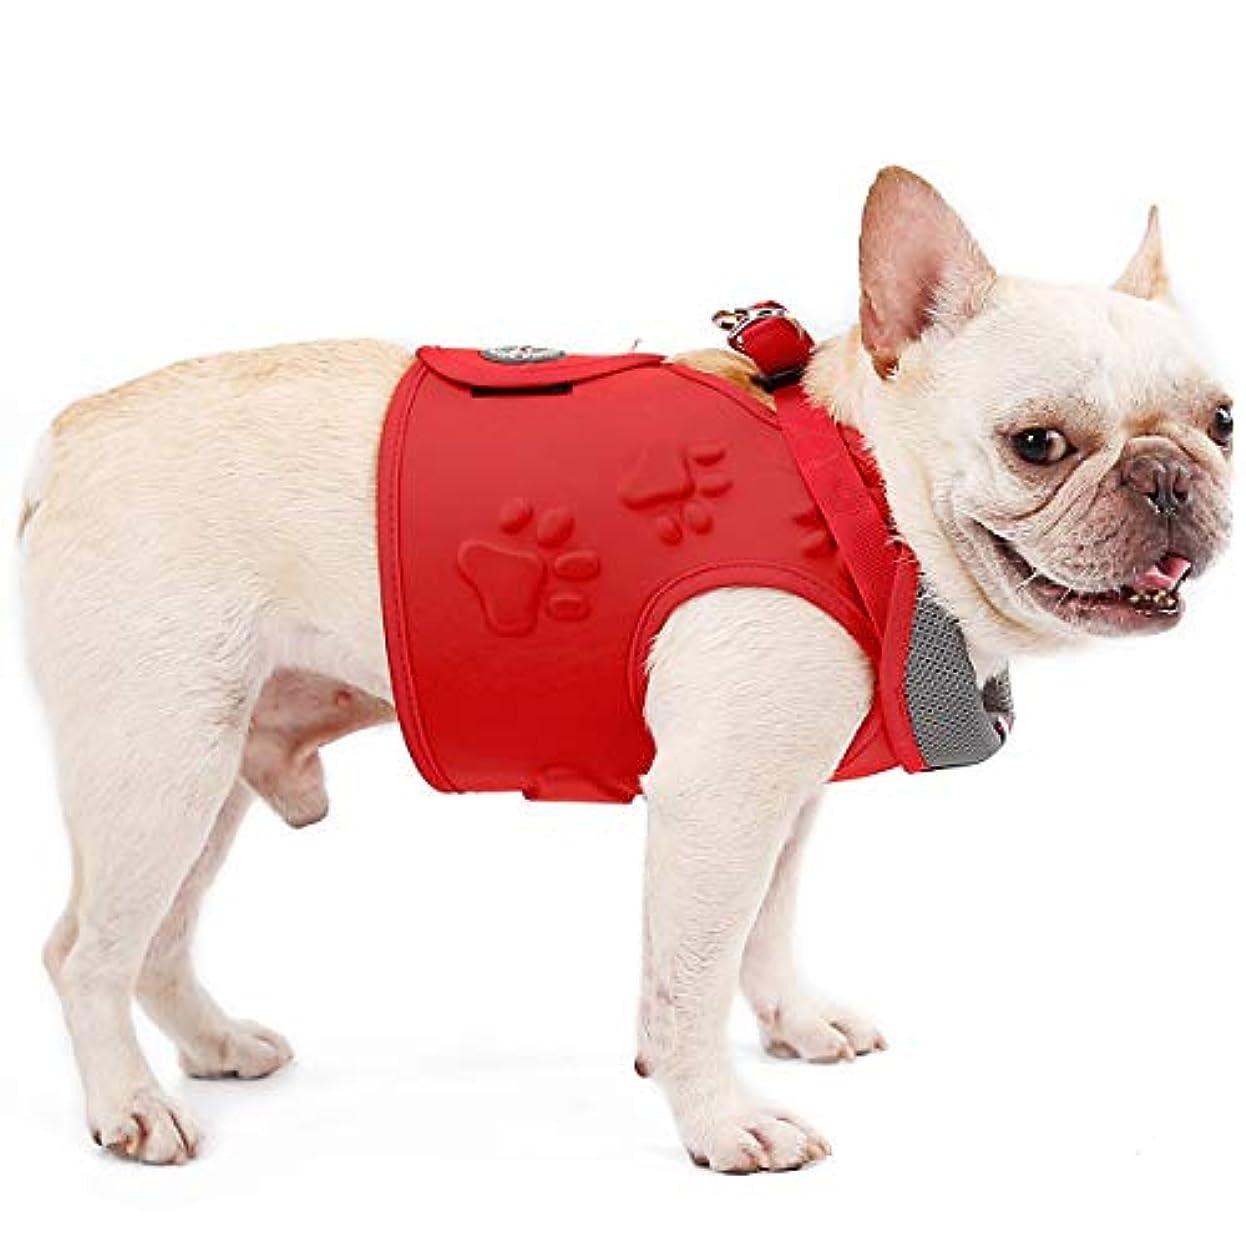 統合する硬い品Penivo 犬用ハーネス 調整可能 簡単にコントロール ベスト 小型 中型 大型犬用 ペット 安全 ステップイン サークハーネス (XS, レッド)